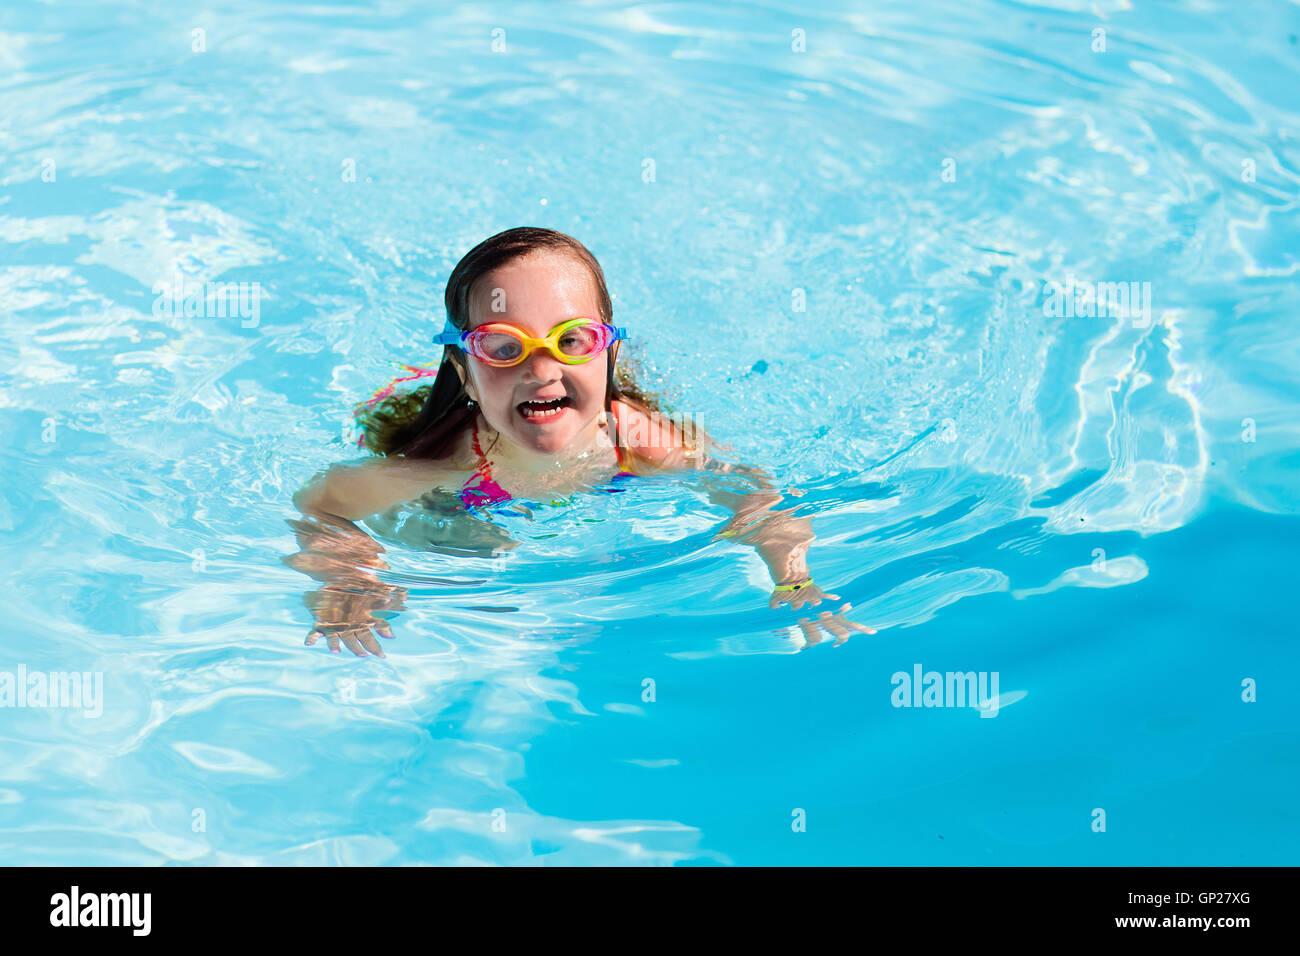 10c6e2a25c219 Glückliche kleine Mädchen lernen zu schwimmen und Tauchen im Schwimmbad im  Freien an heißen Sommertag in tropischen Resort. Kind trägt Brille